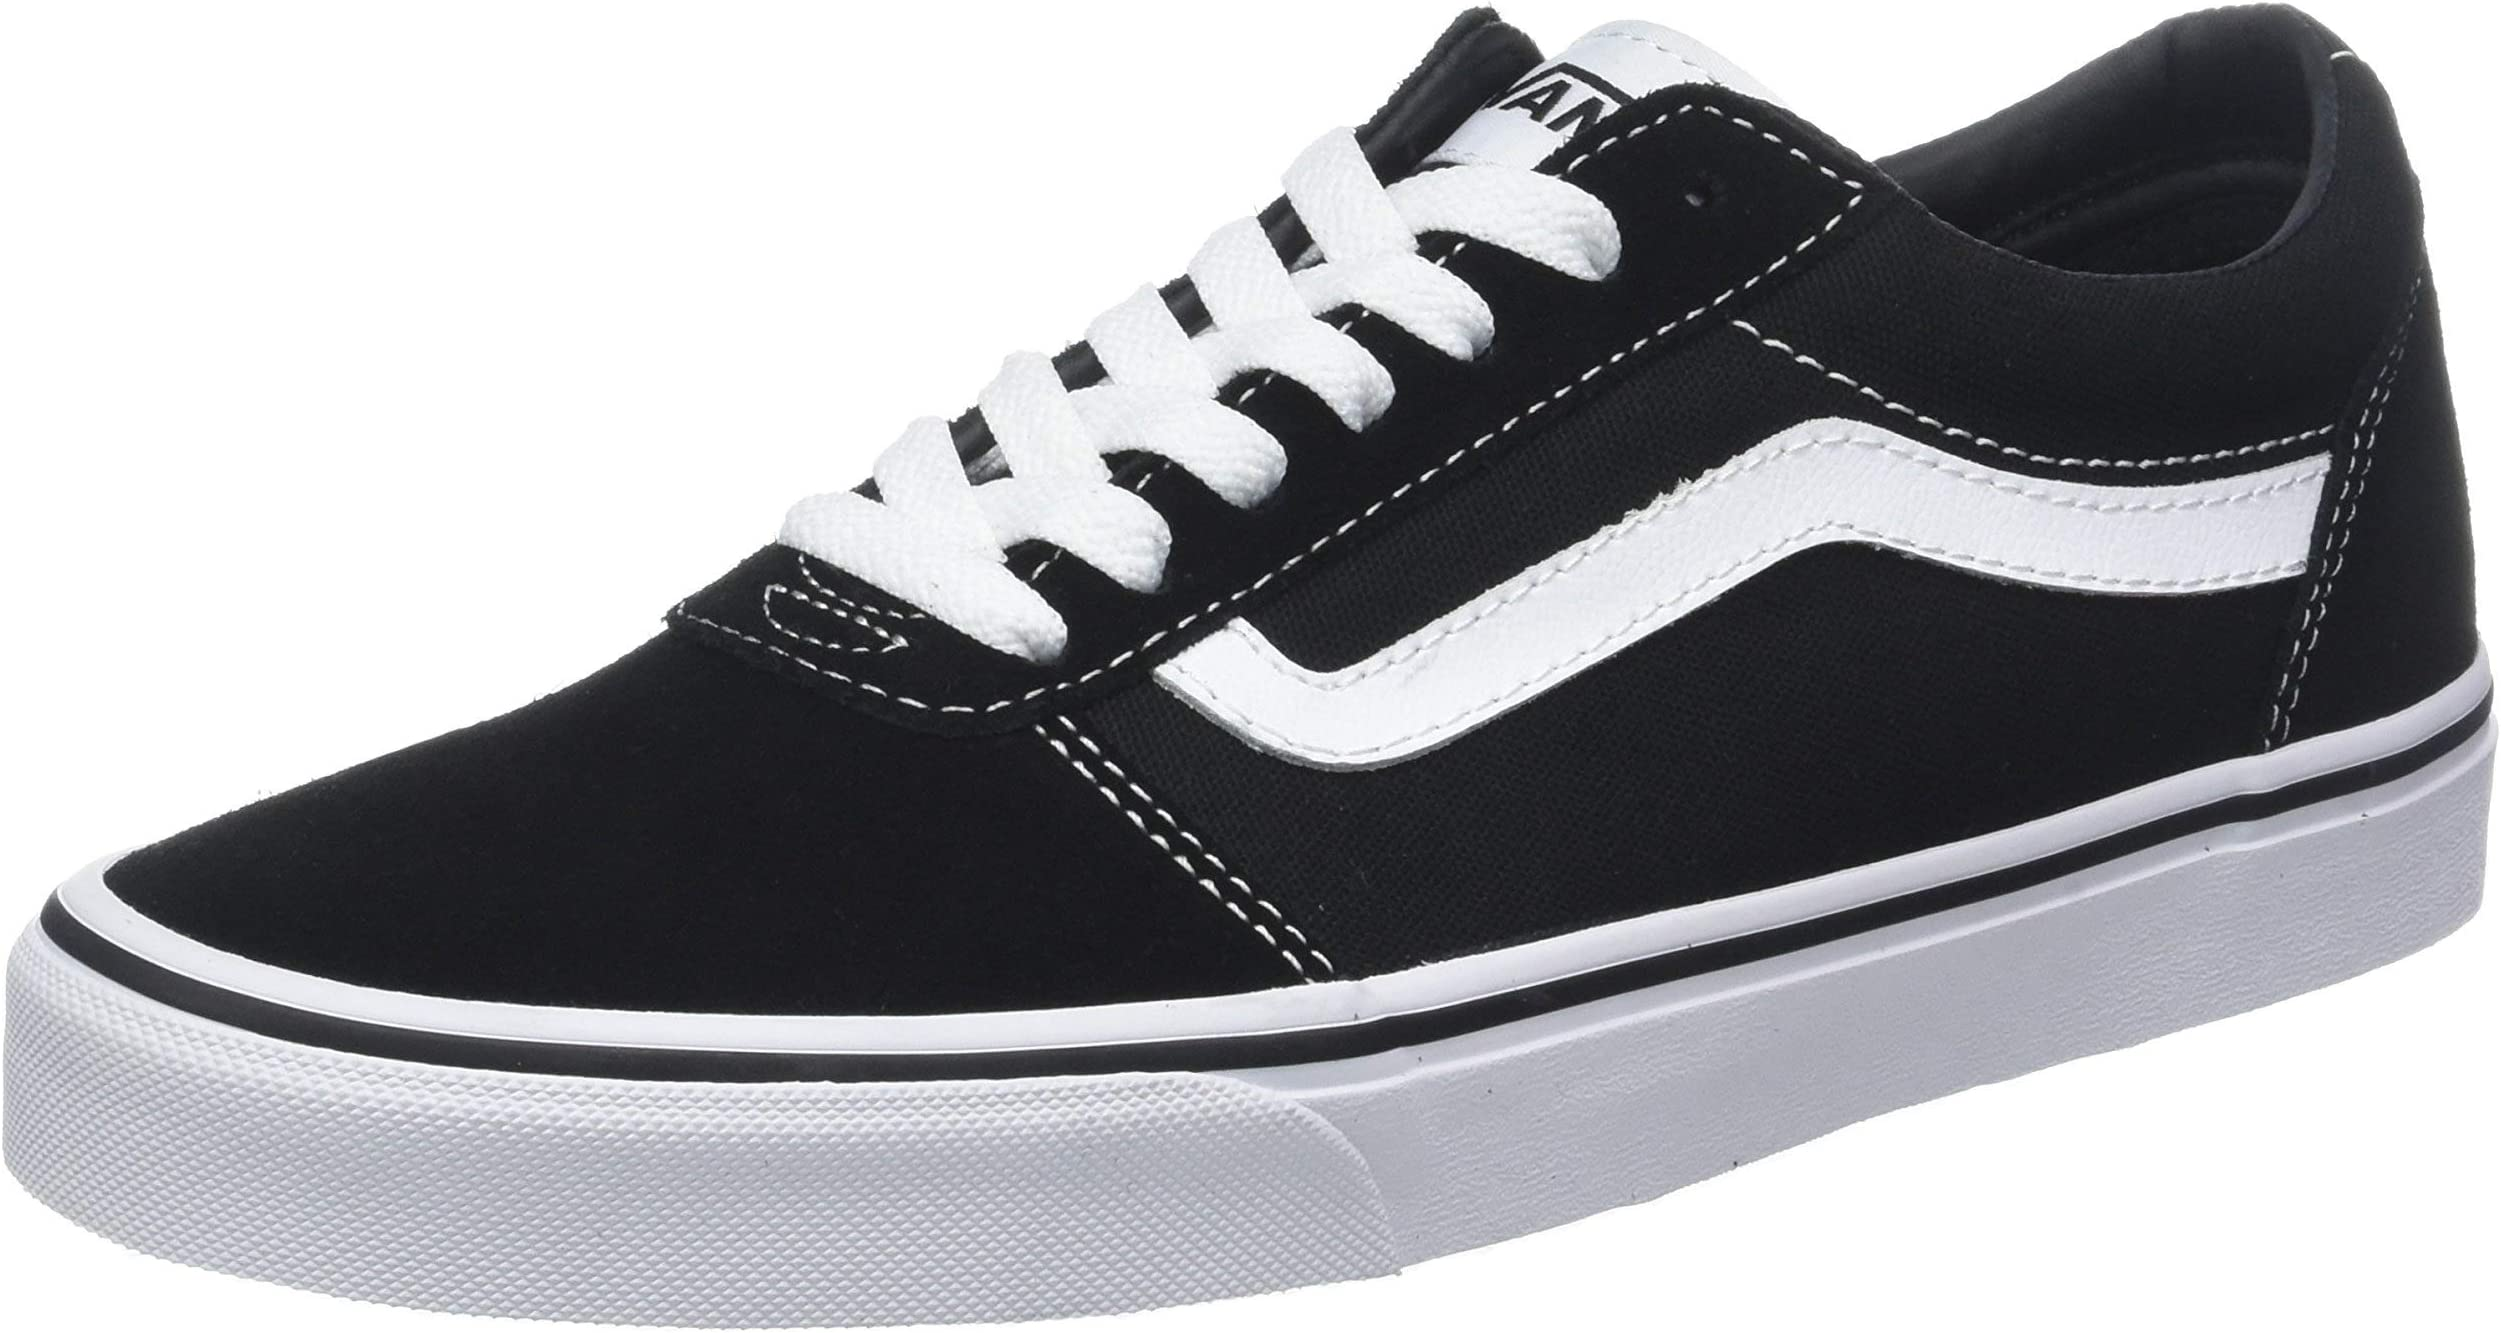 damensneaker einkaufen auf amazon fashion  vans damen ward suede canvas sneakers